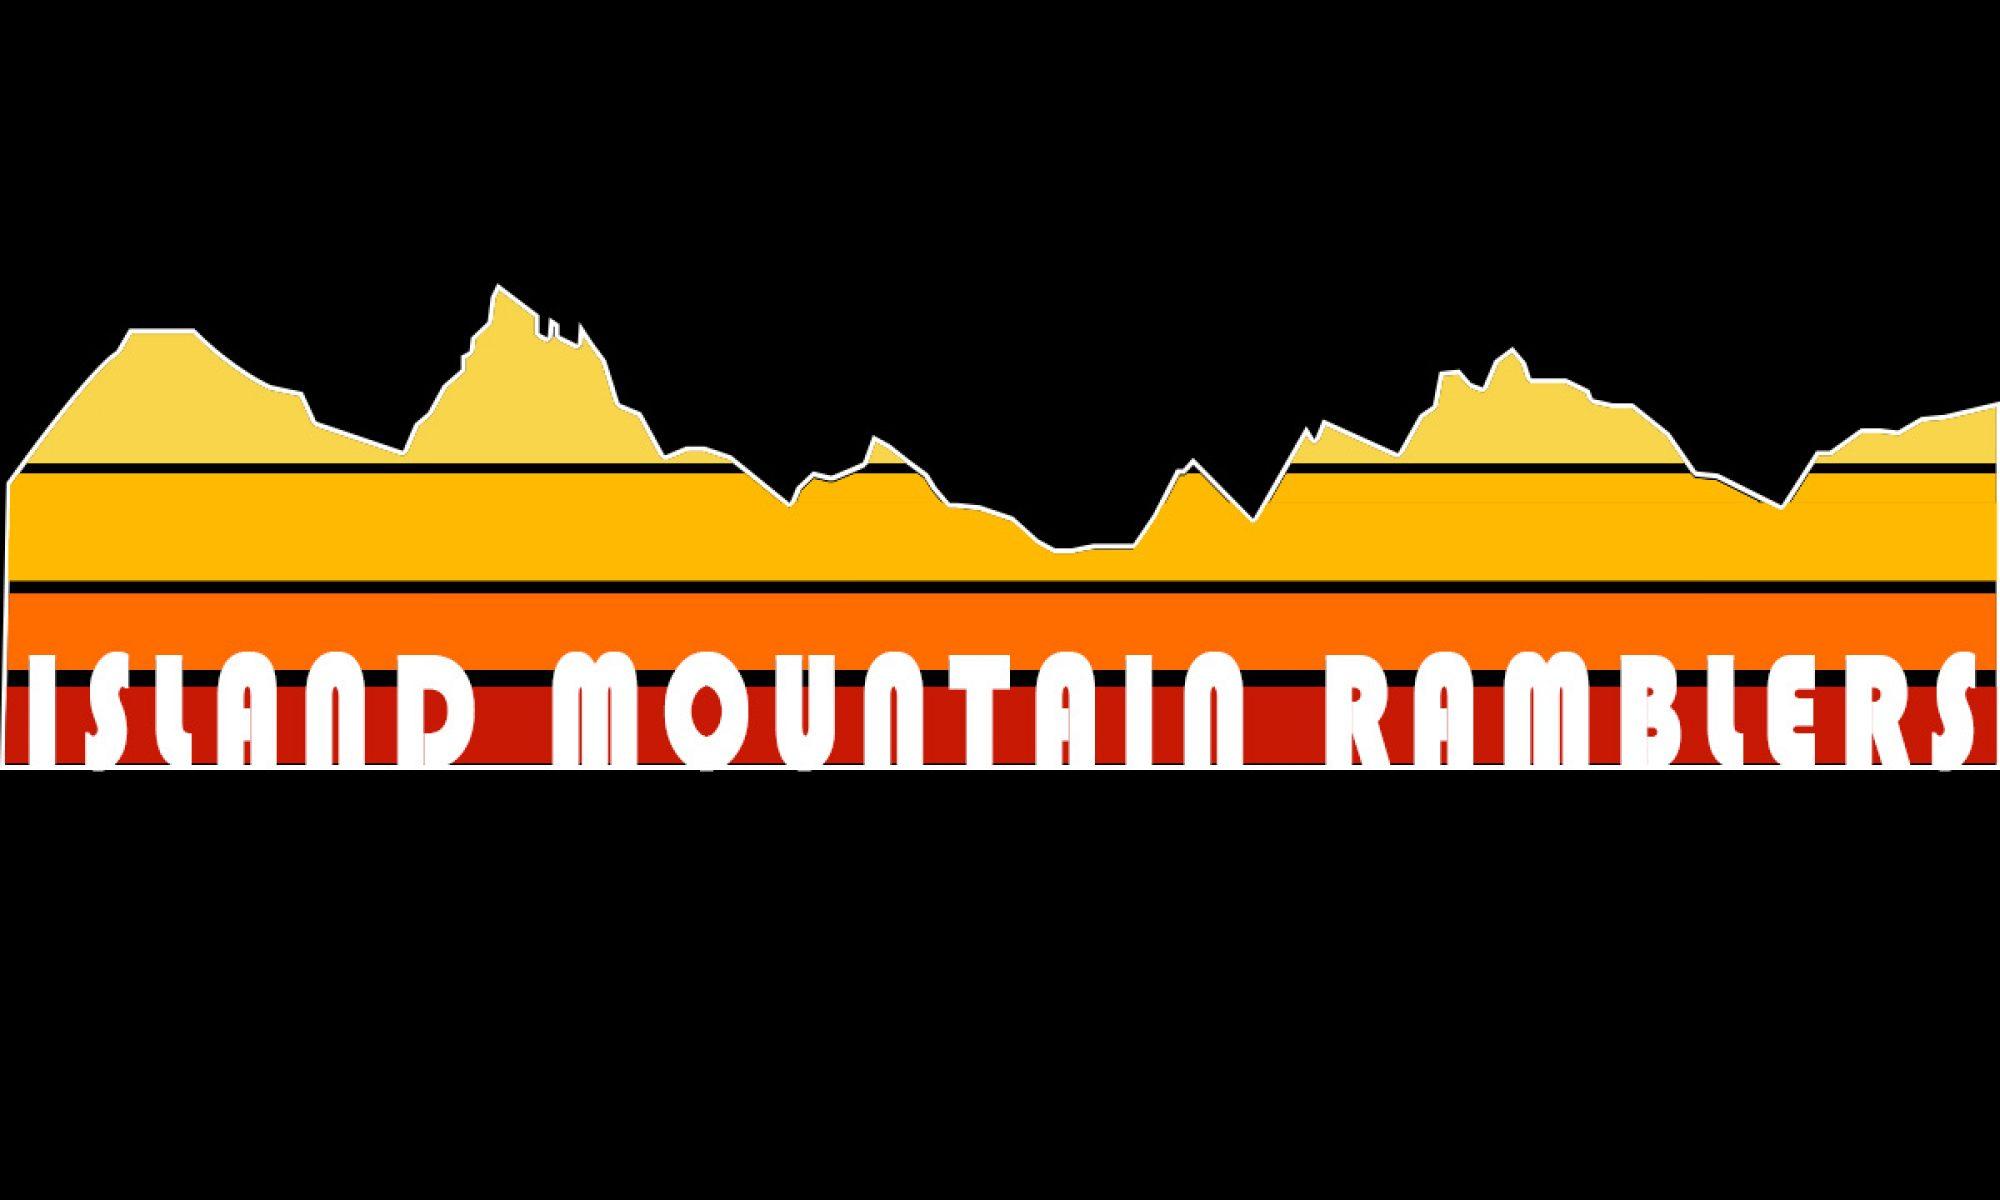 Island Mountain Ramblers